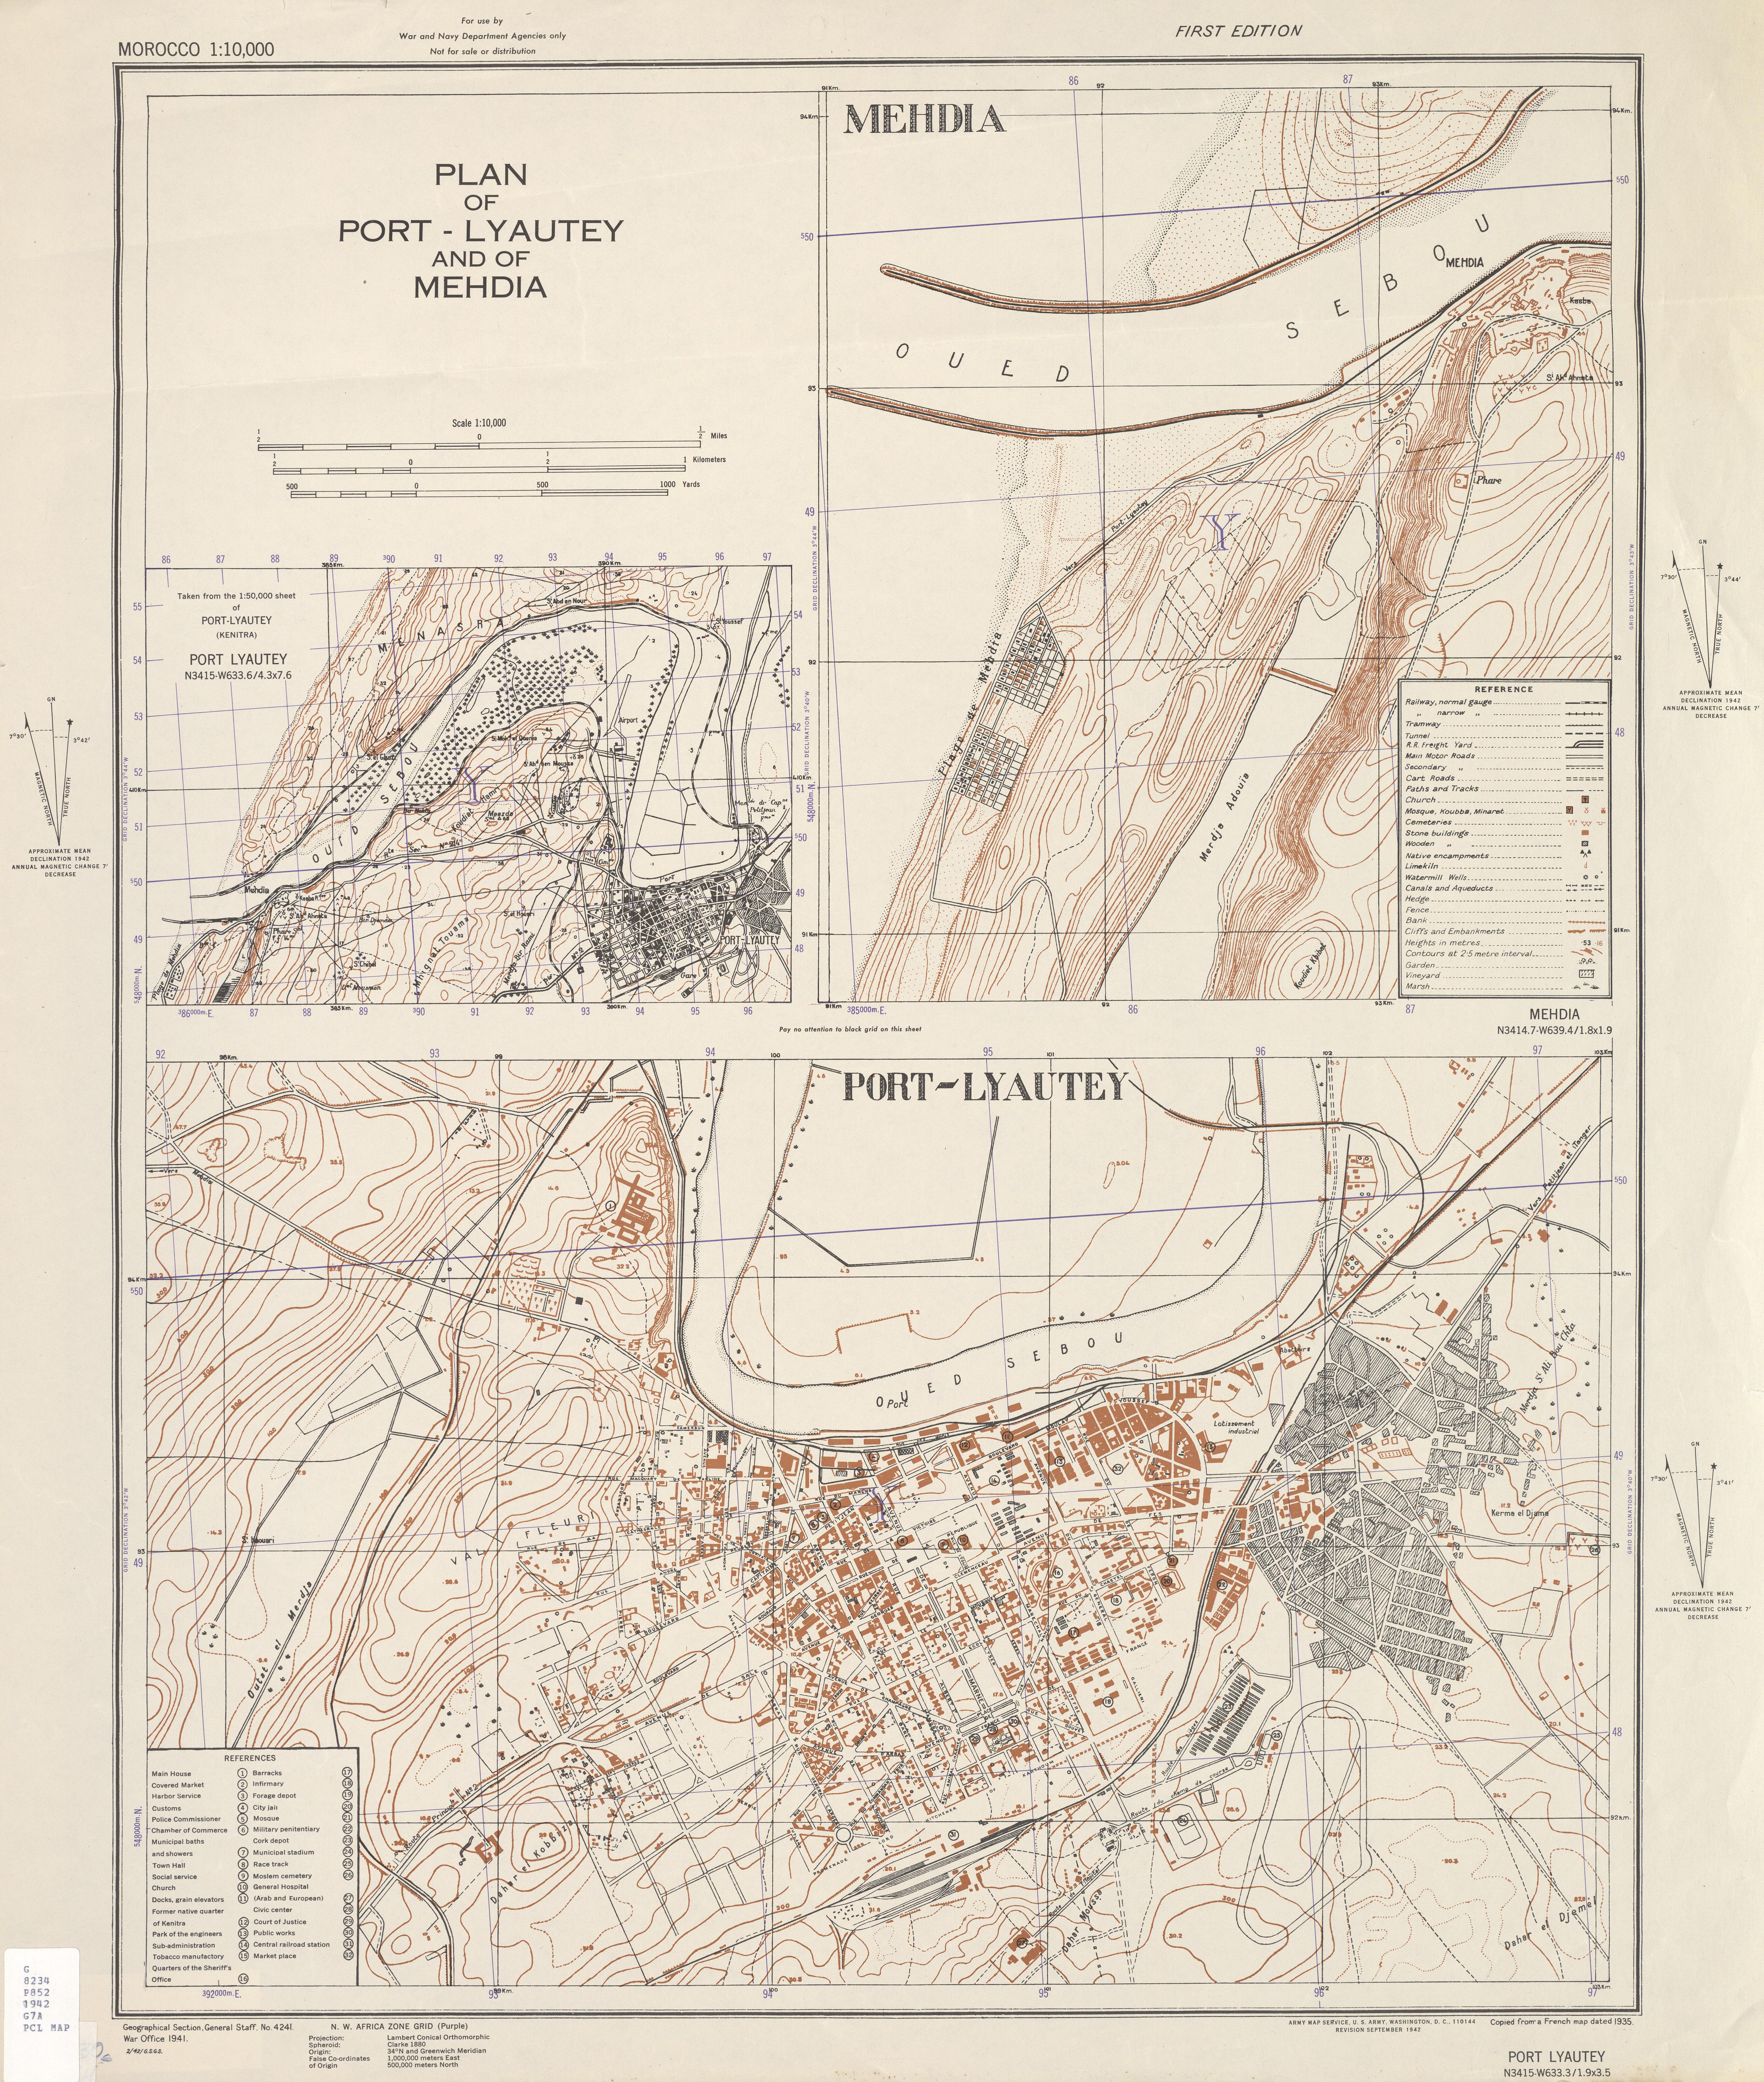 Mapa de las Ciudades de Kenitra (Port Lyautey) y Mehdia, Marruecos 1942